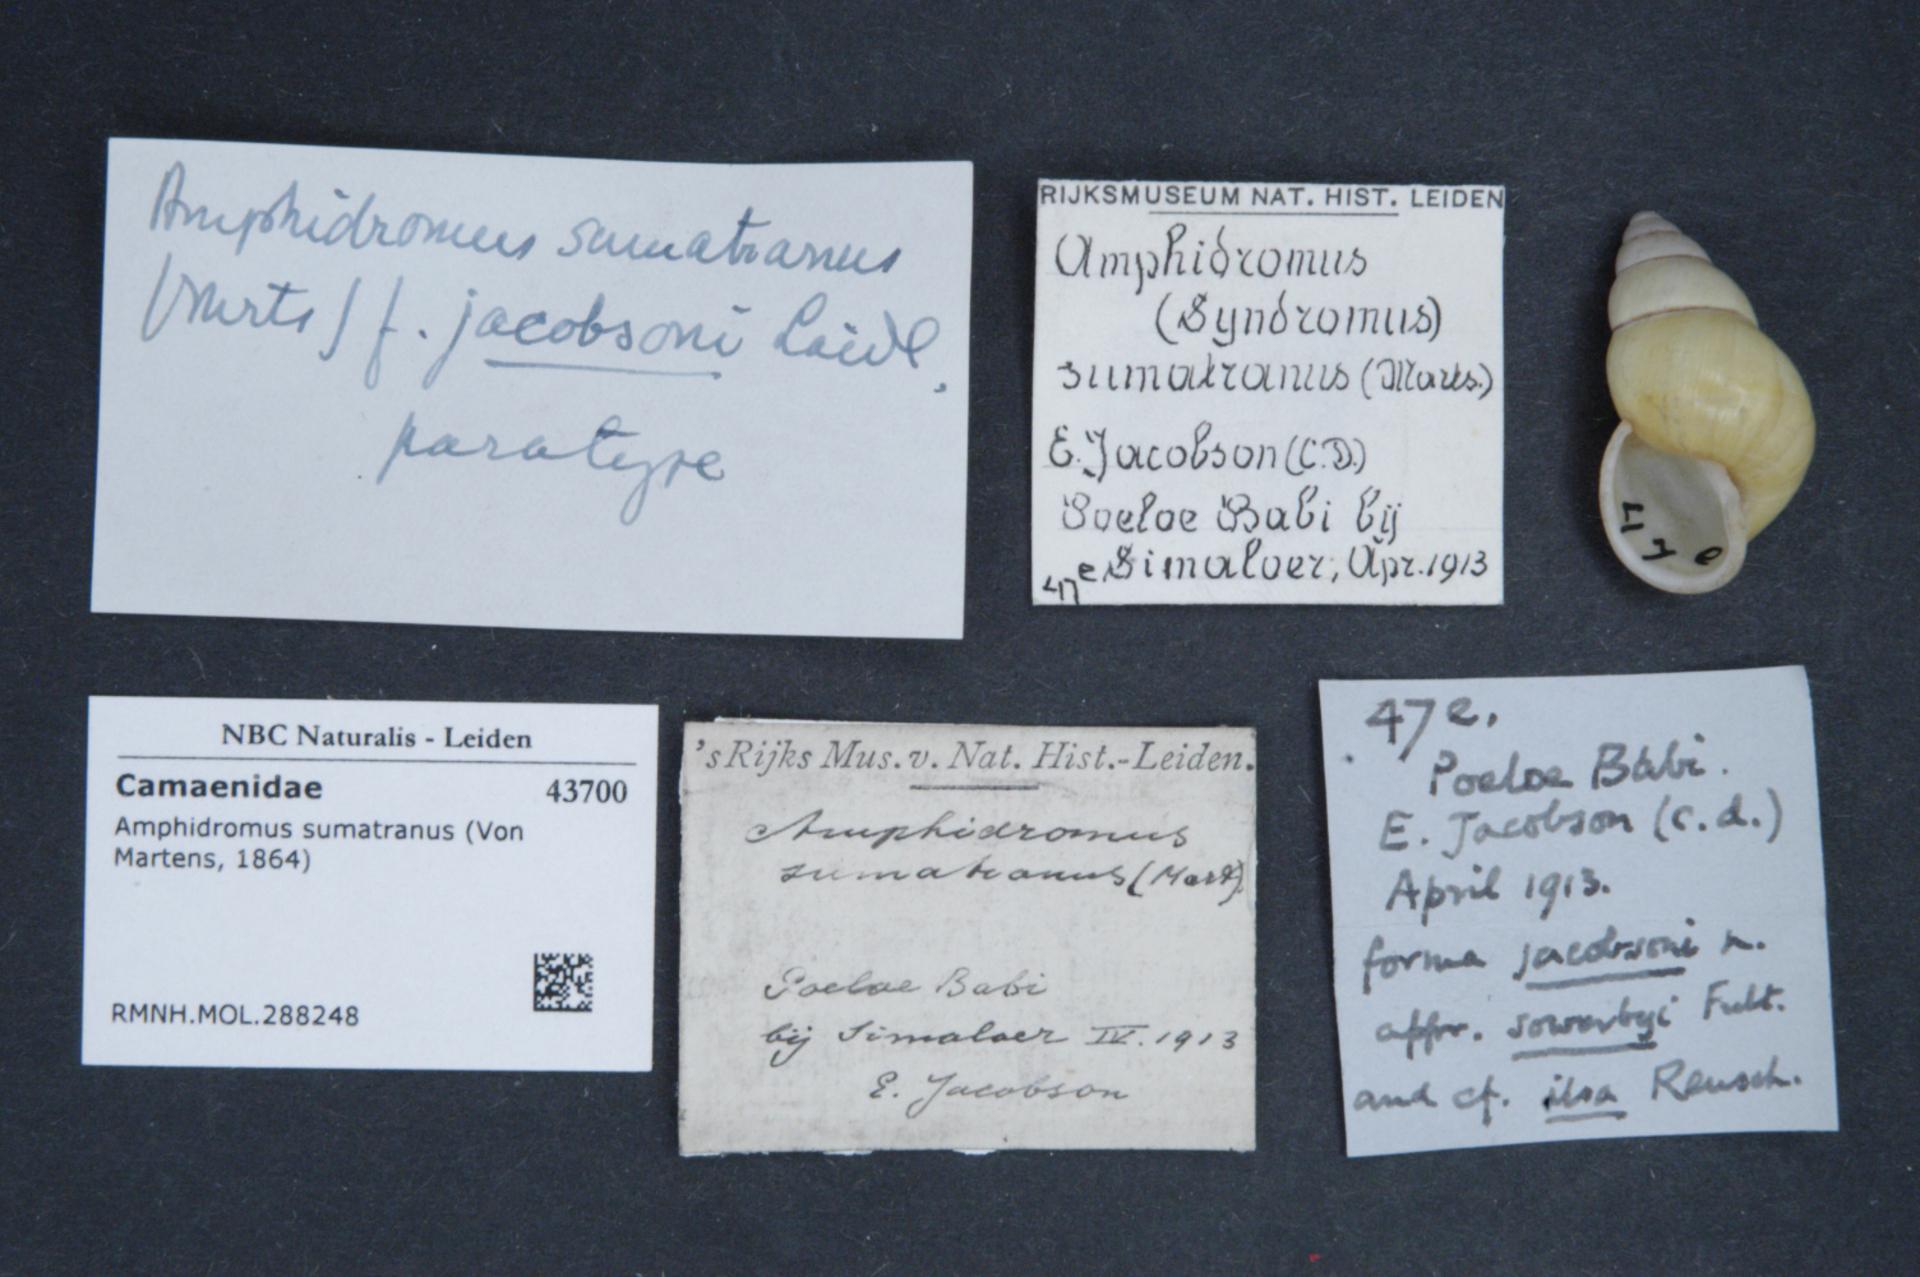 RMNH.MOL.288248 | Amphidromus sumatranus jacobsoni Laidlaw, 1954